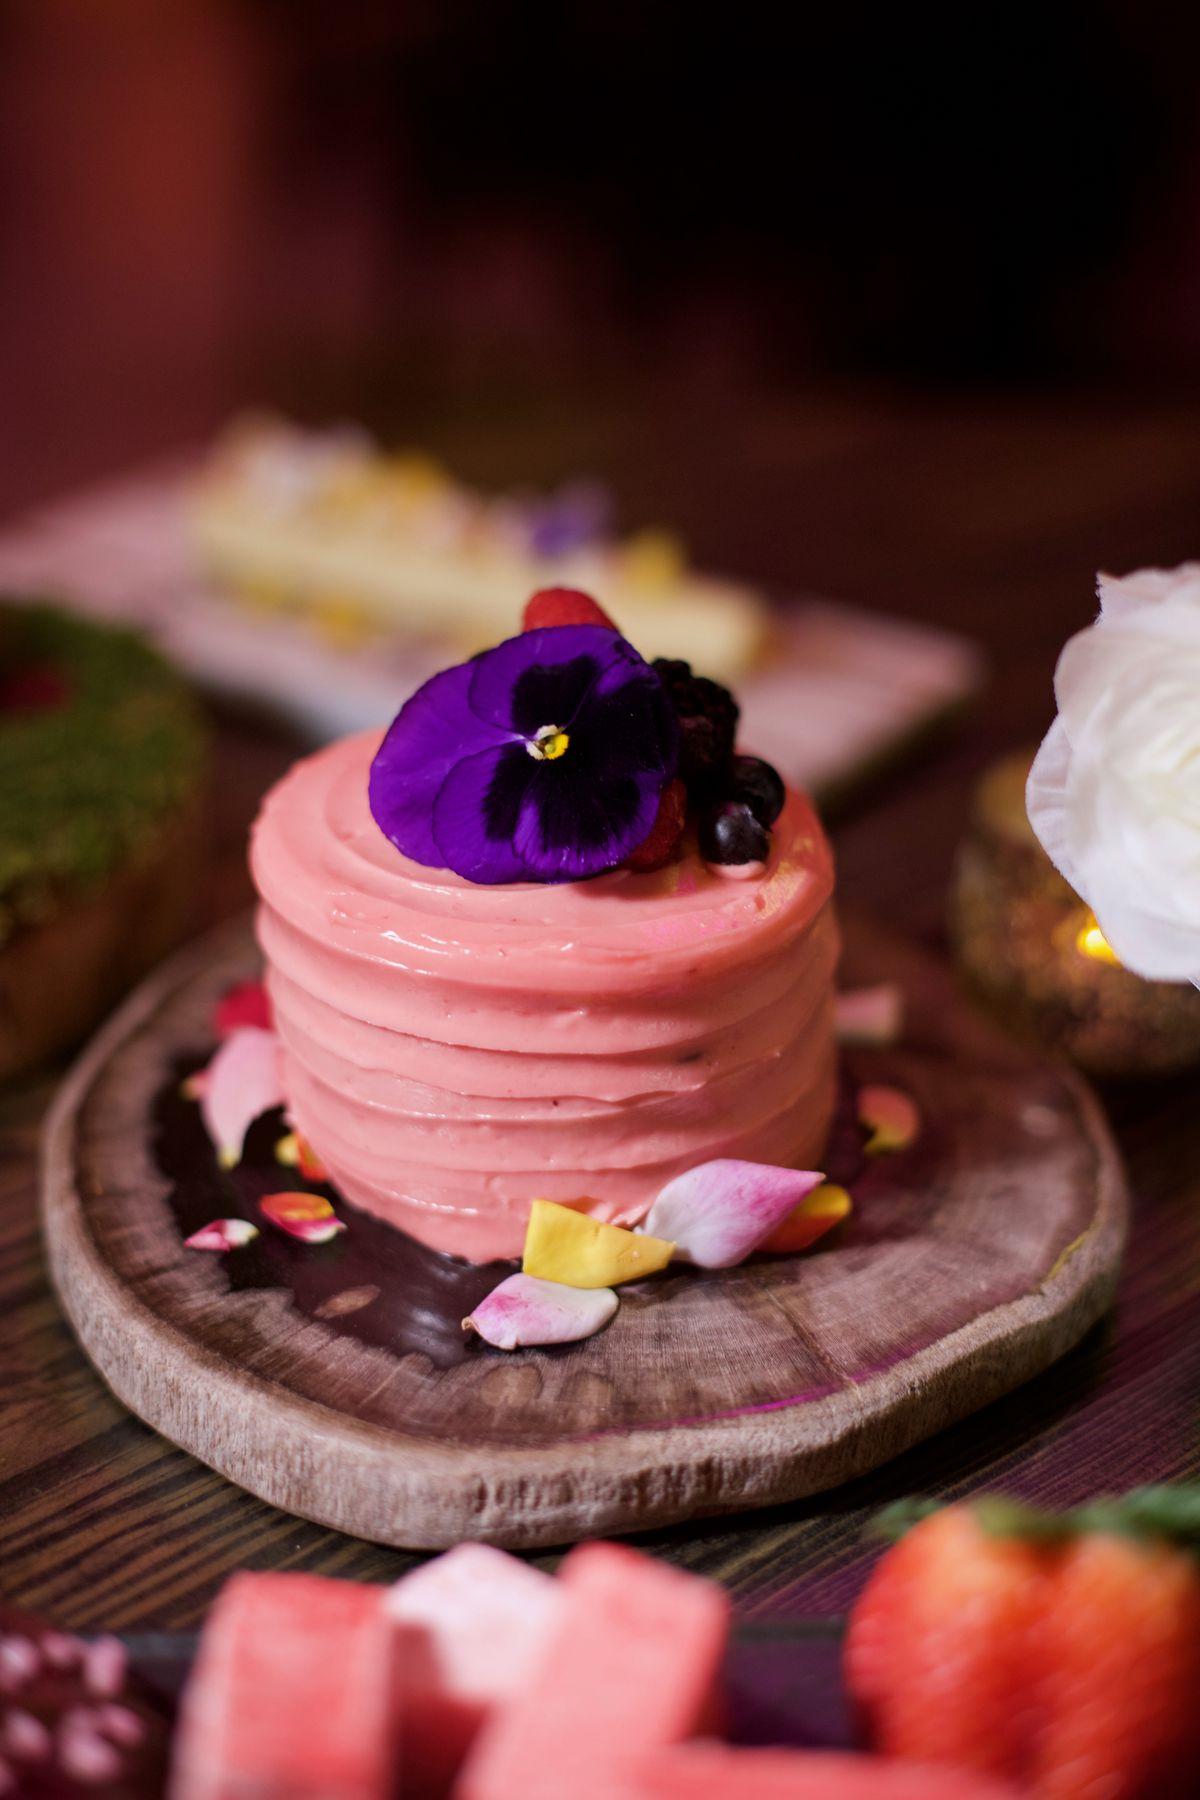 Vanderpump rosé cake at Vanderpump Cocktail Garden